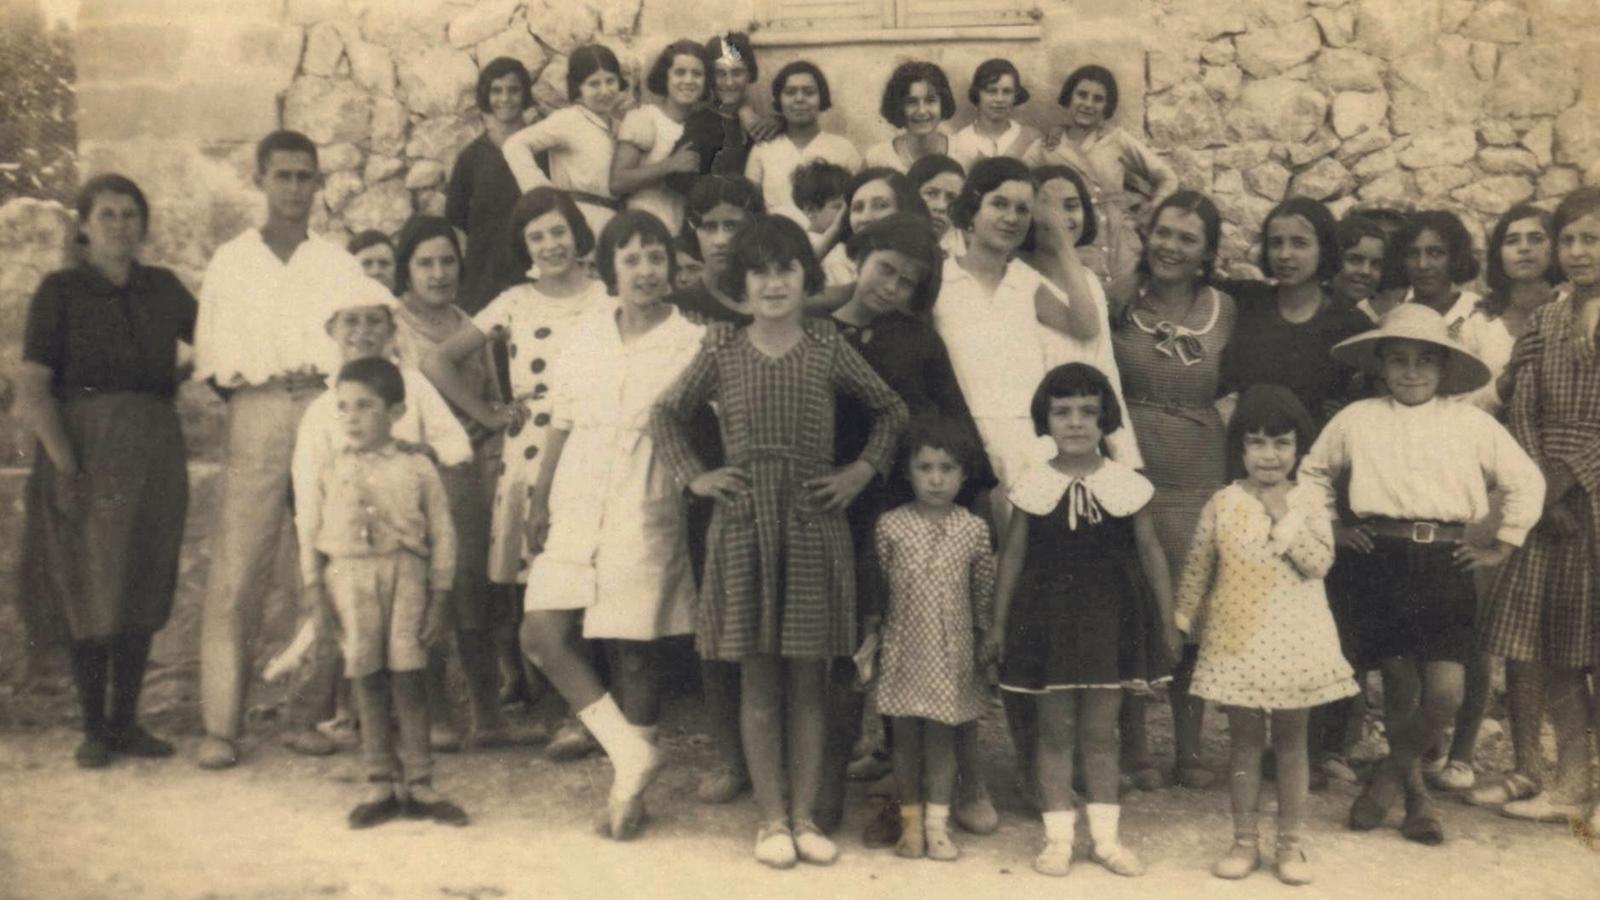 Les collidores d'oliva del 1932 de Calvià